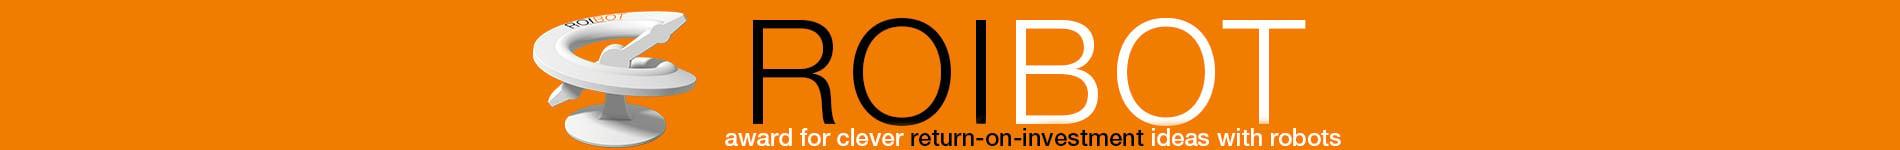 Roibot banner